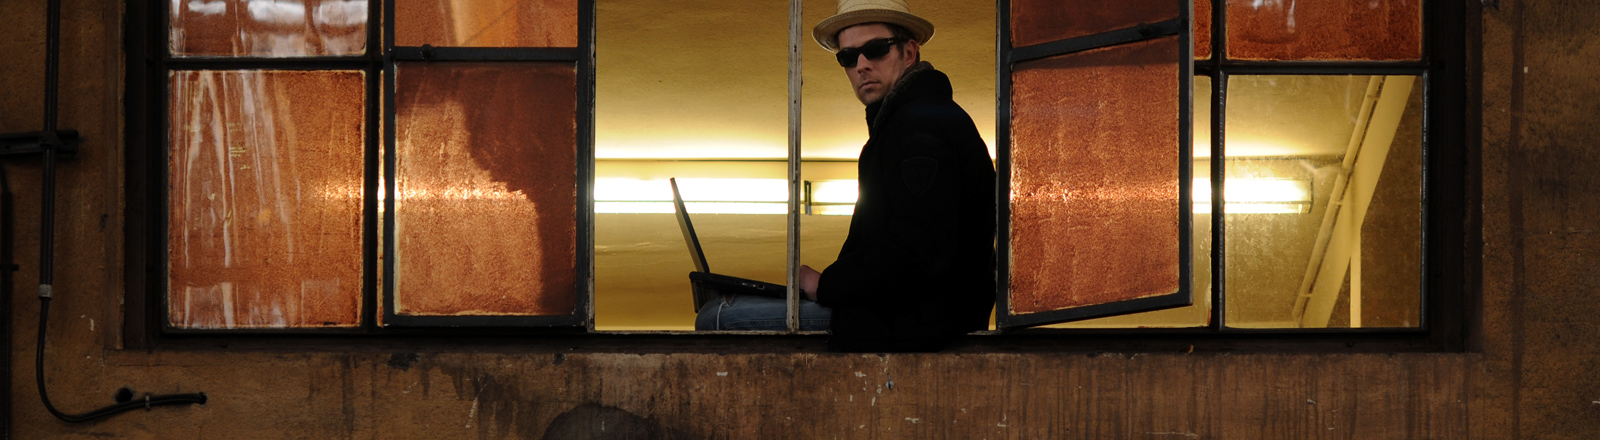 Ein Mann sitzt mit dem Laptop im offenen Fensterrahmen.